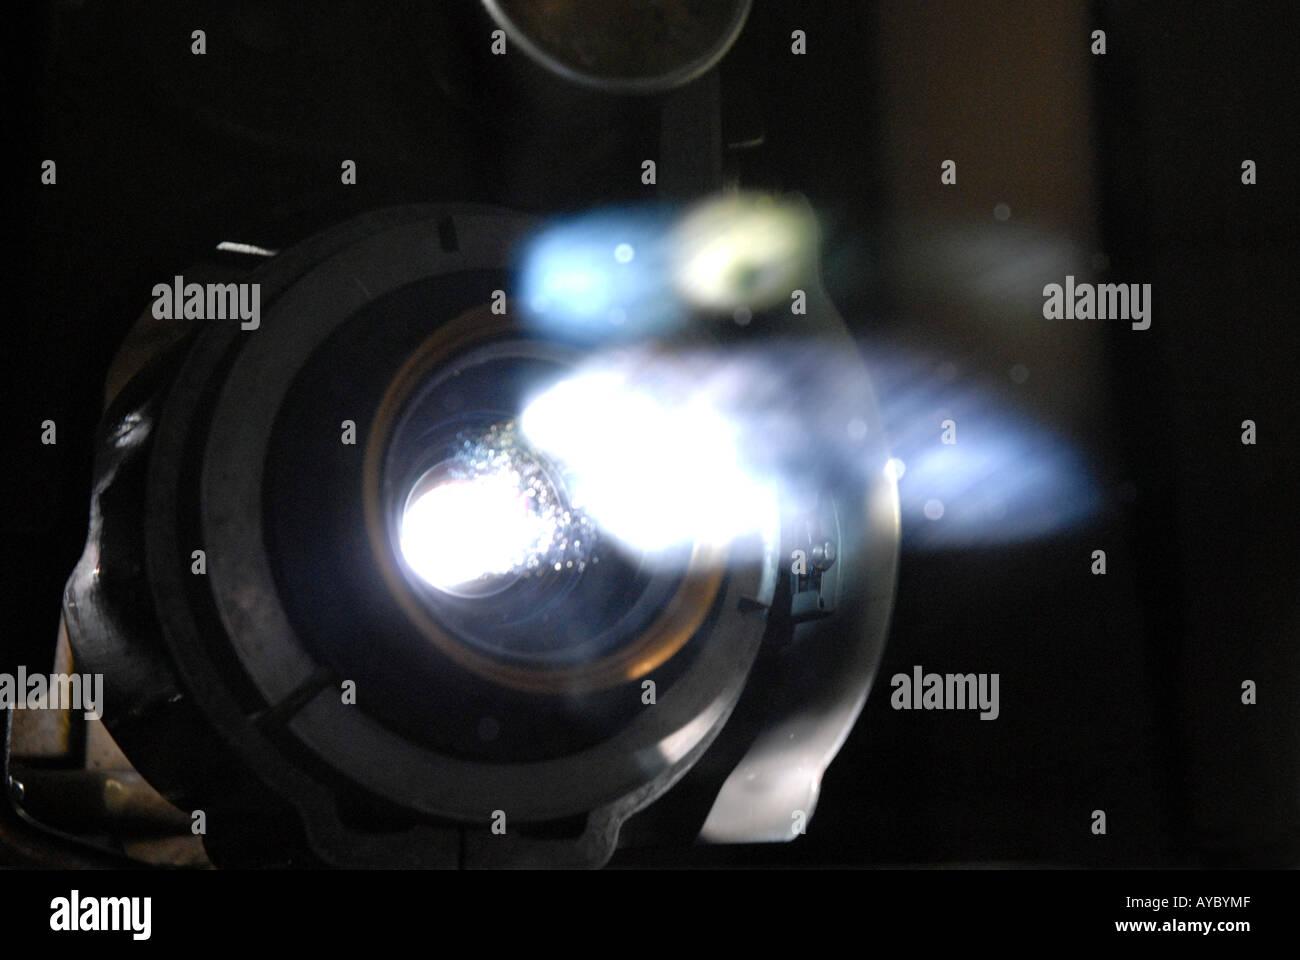 Projector de cinema imagem da lente Imagens de Stock